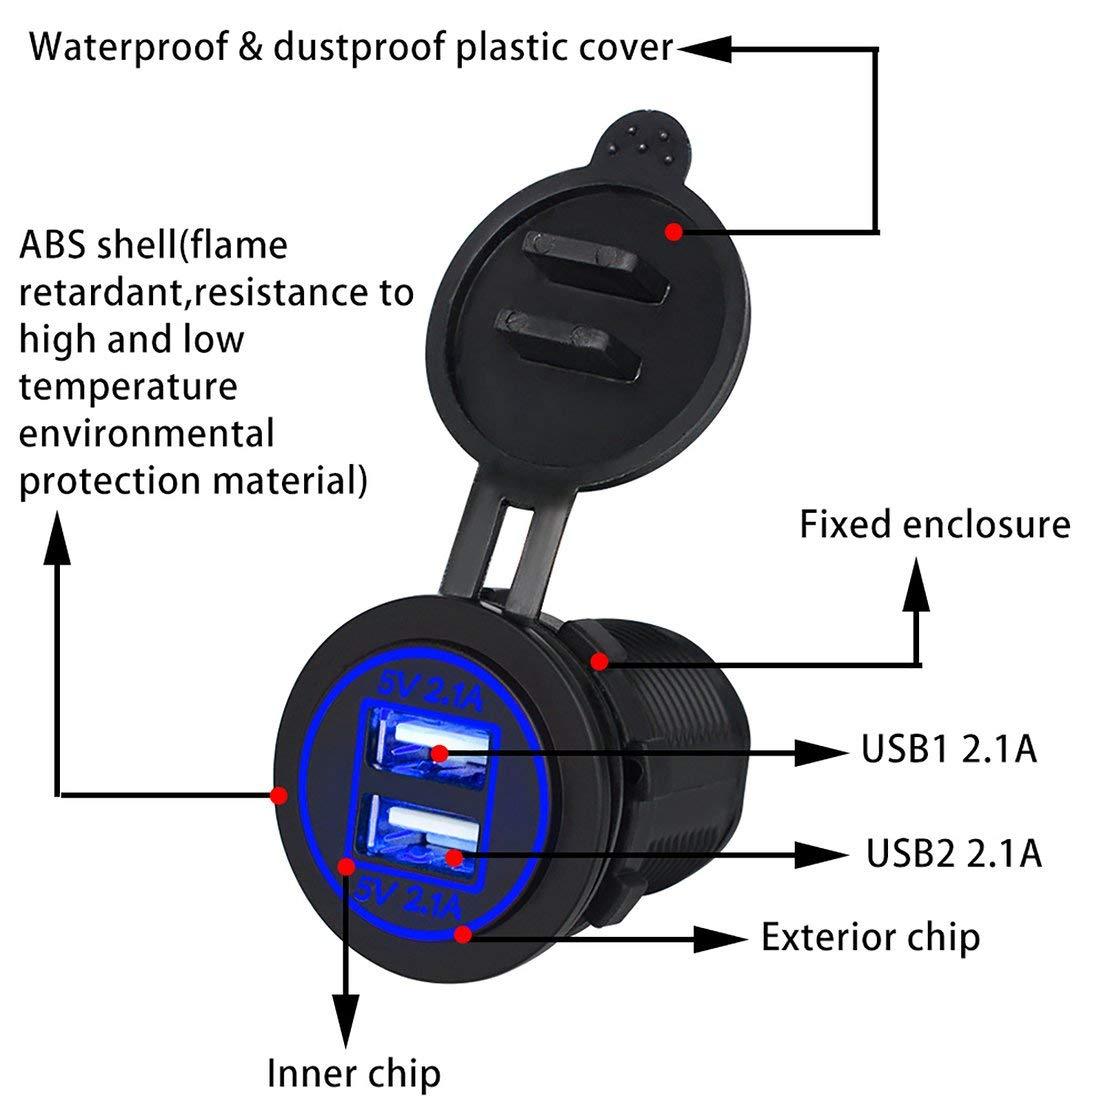 Il Nero Sanzhileg Presa delladattatore del Caricatore dellautomobile del Caricatore dellautomobile di Due Porte USB di Doppi 4.2A con Luce Adatta a motocicli 12V-24V Auto